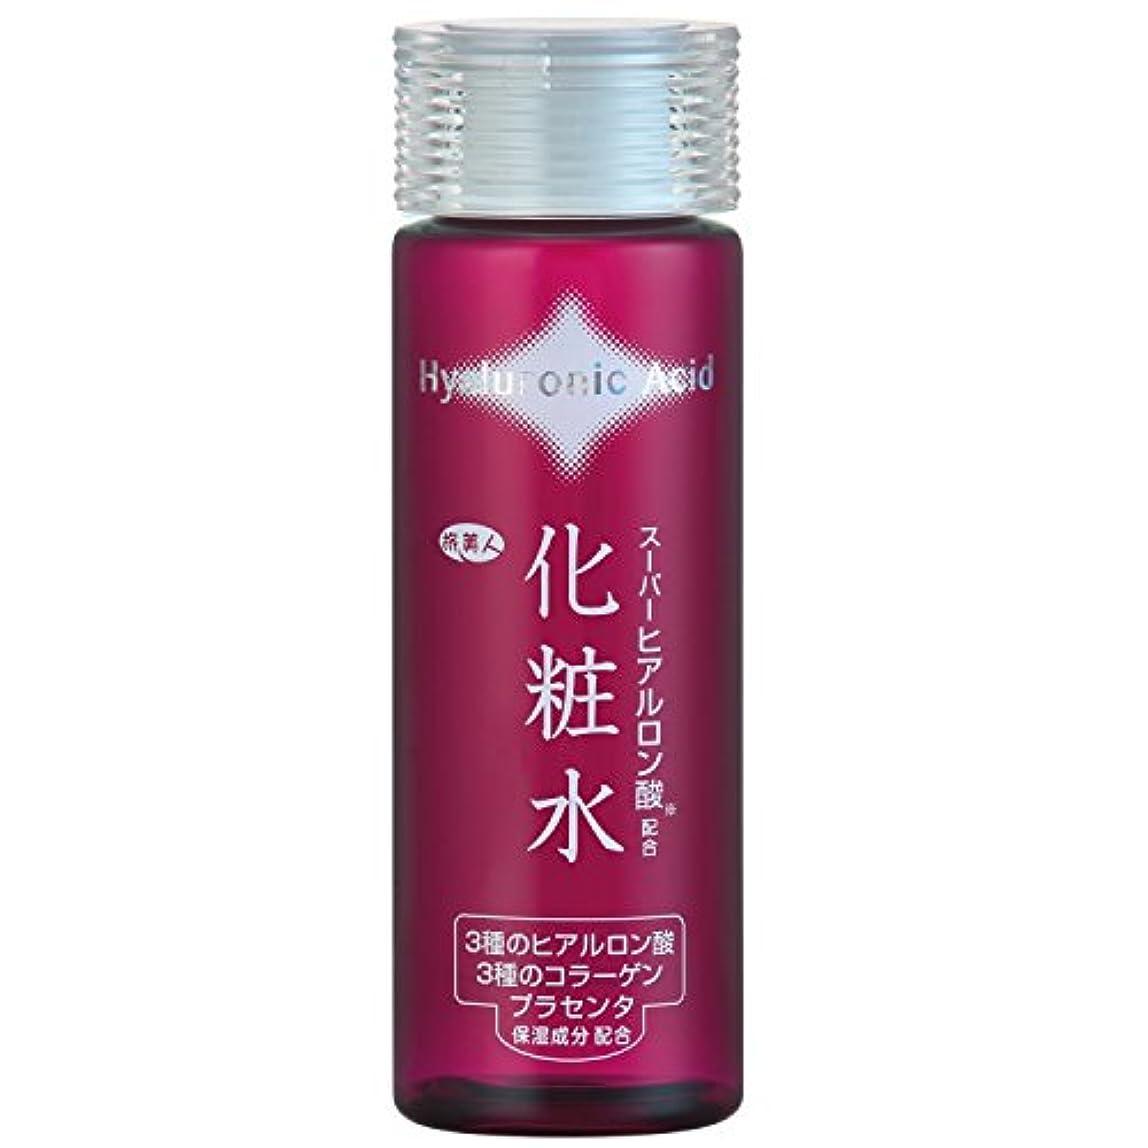 ホラー無効にする試みアズマ商事のスーパーヒアルロン酸配合化粧水